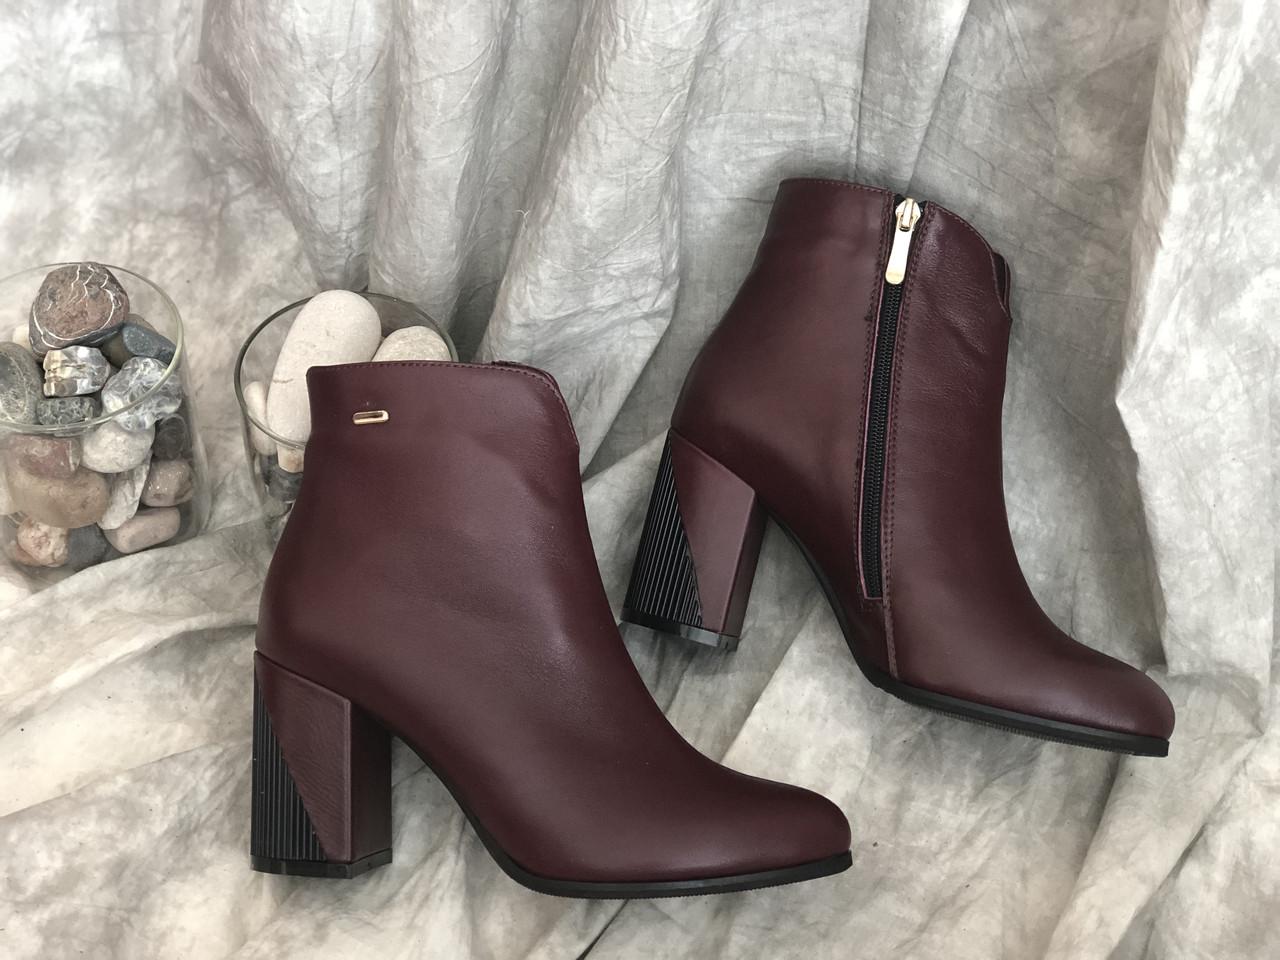 Демисезонная женская обувь из натуральной кожи Марини 2031 бор размеры 38,39,40